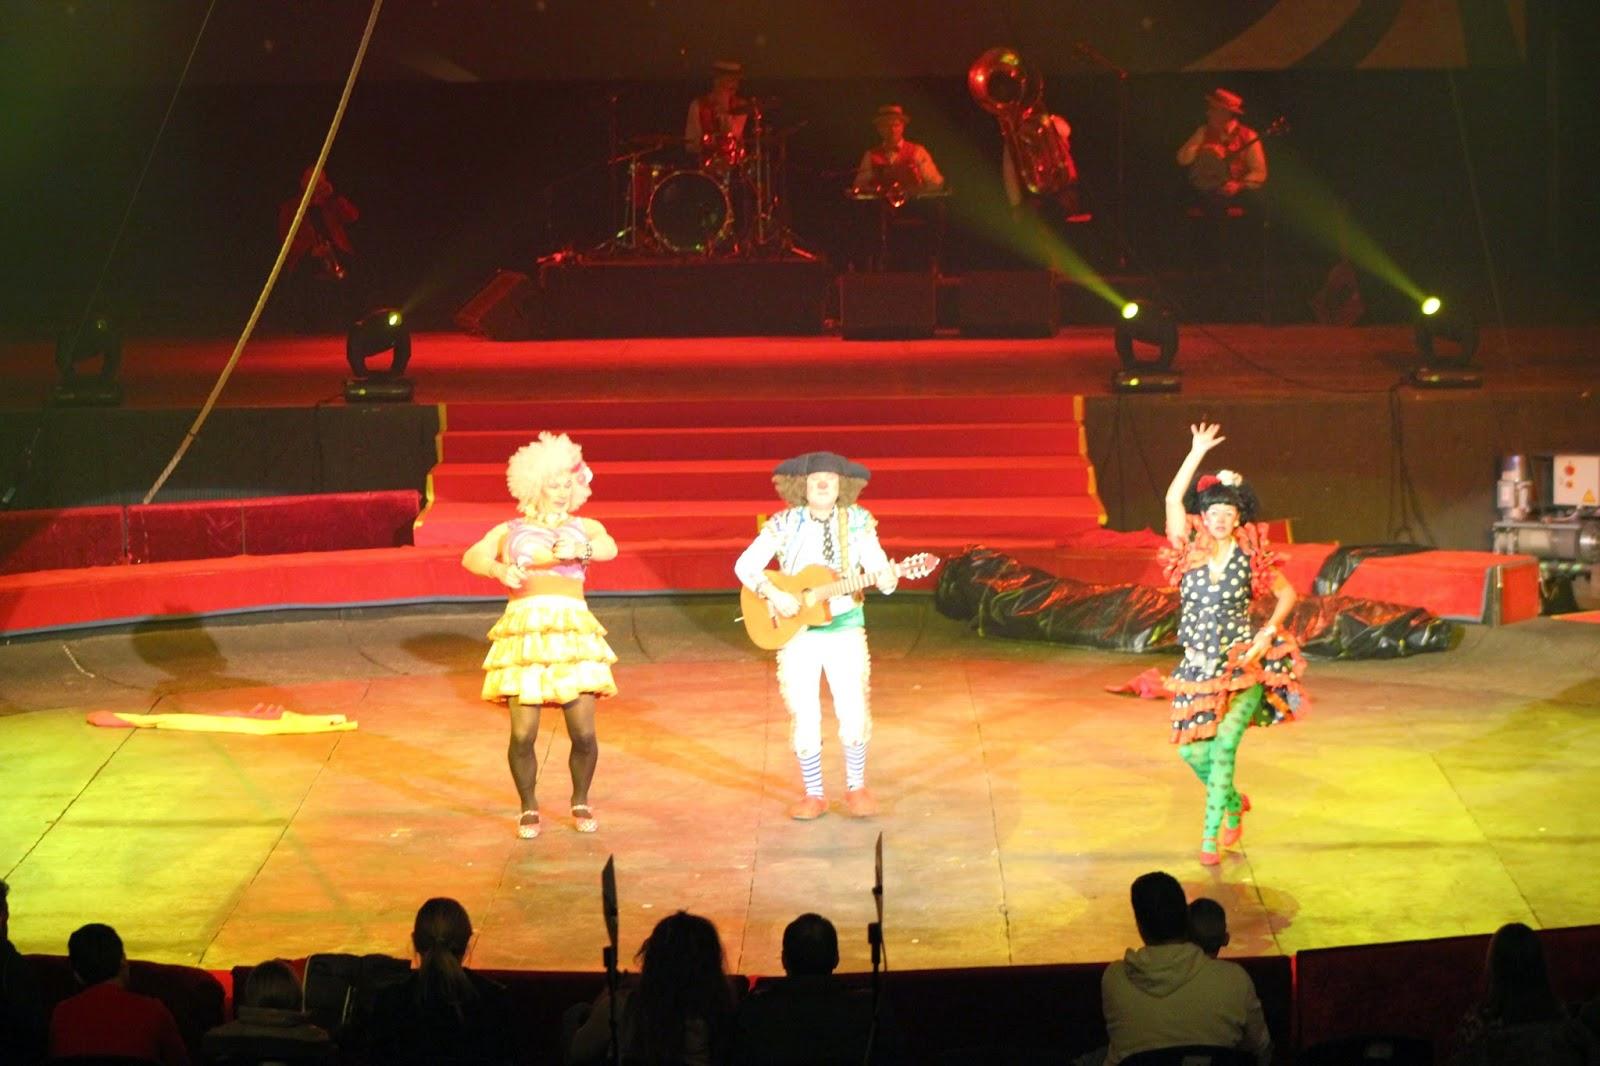 Circo, Clown, Angosta Di Mente, Los Quixotes Brothers, Actuaciones, Teatro